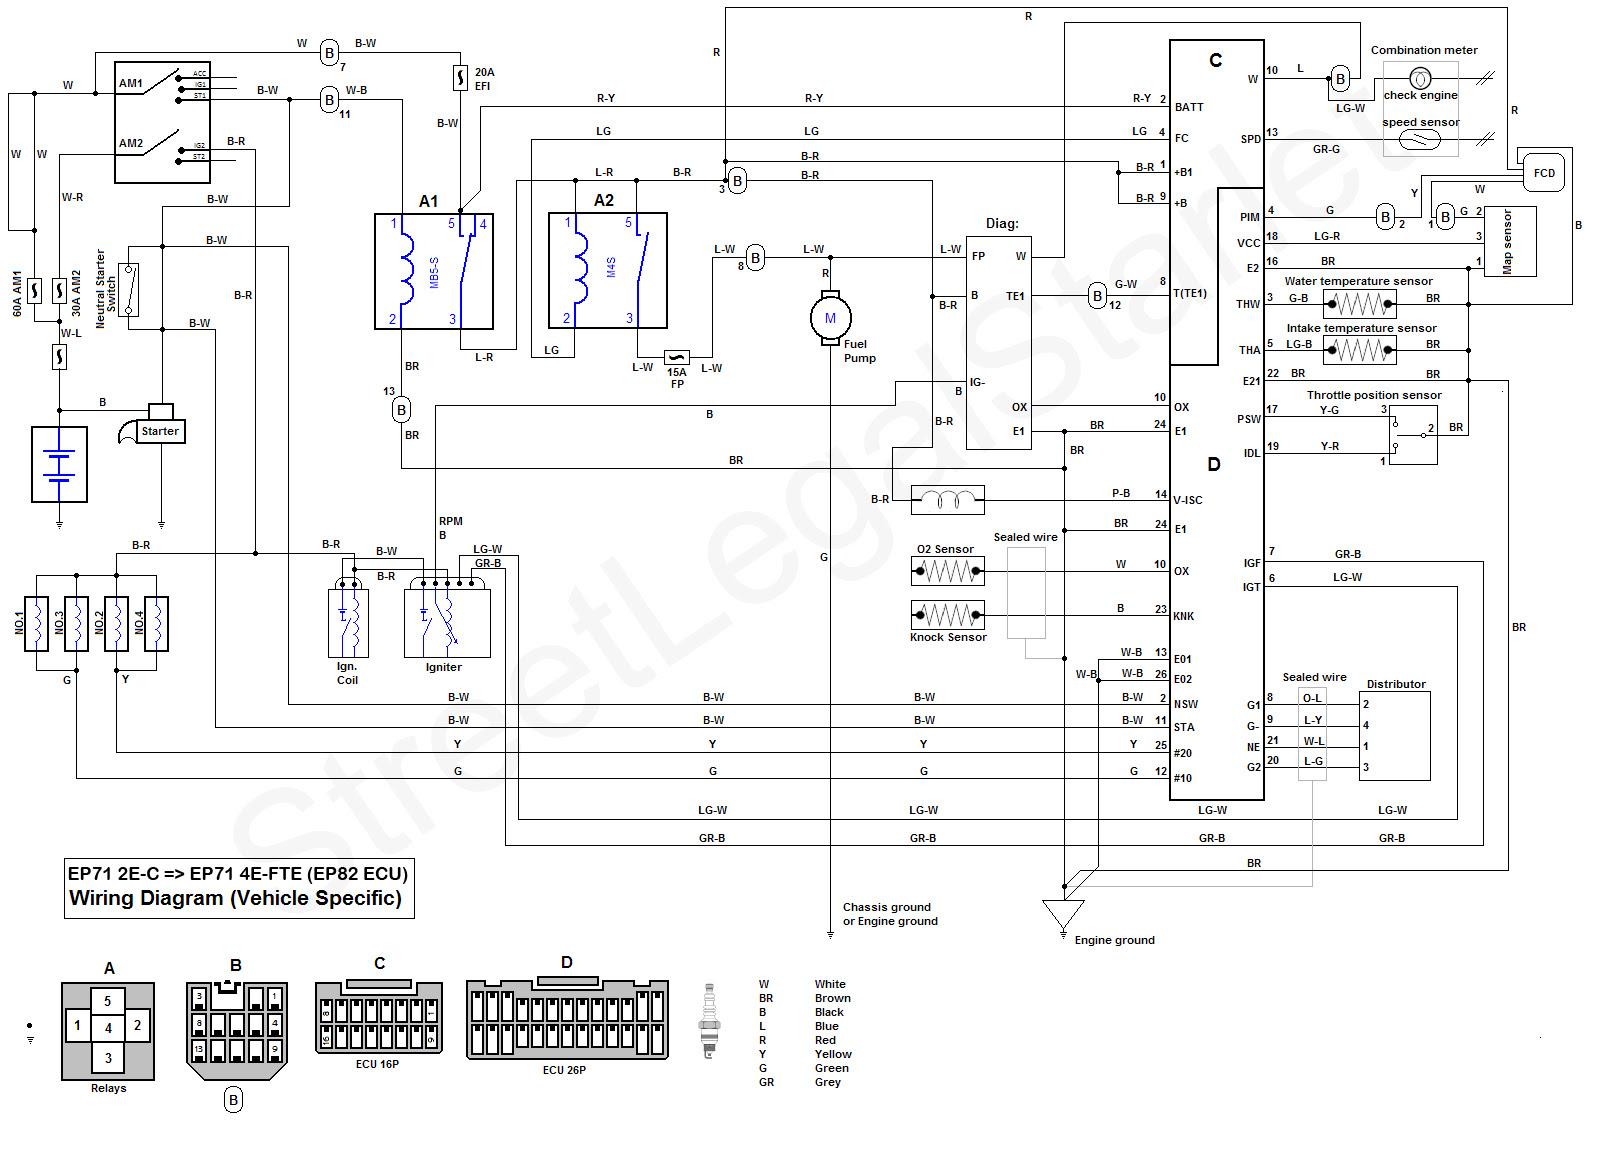 Wiring Diagram Toyota Starlet 97 1968 69 Bus Wiring Diagram Thegoldenbug Bege Wiring Diagram